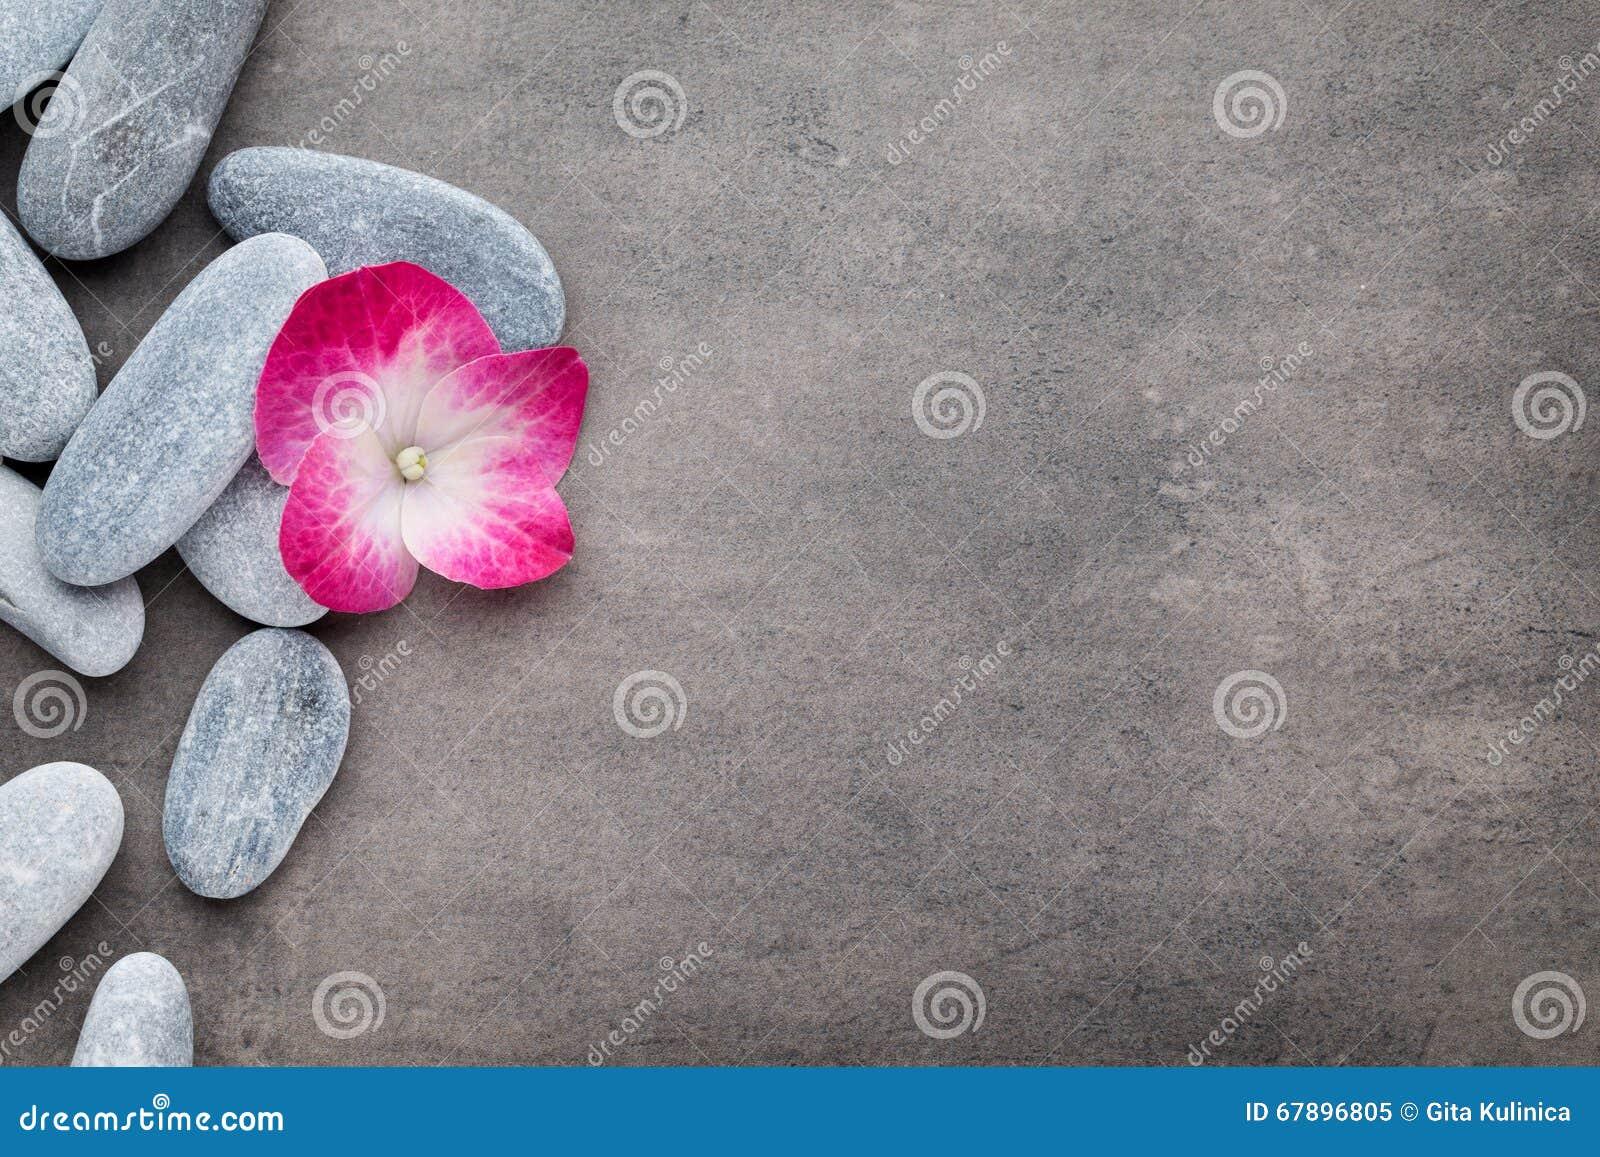 温泉石头和花,在灰色背景